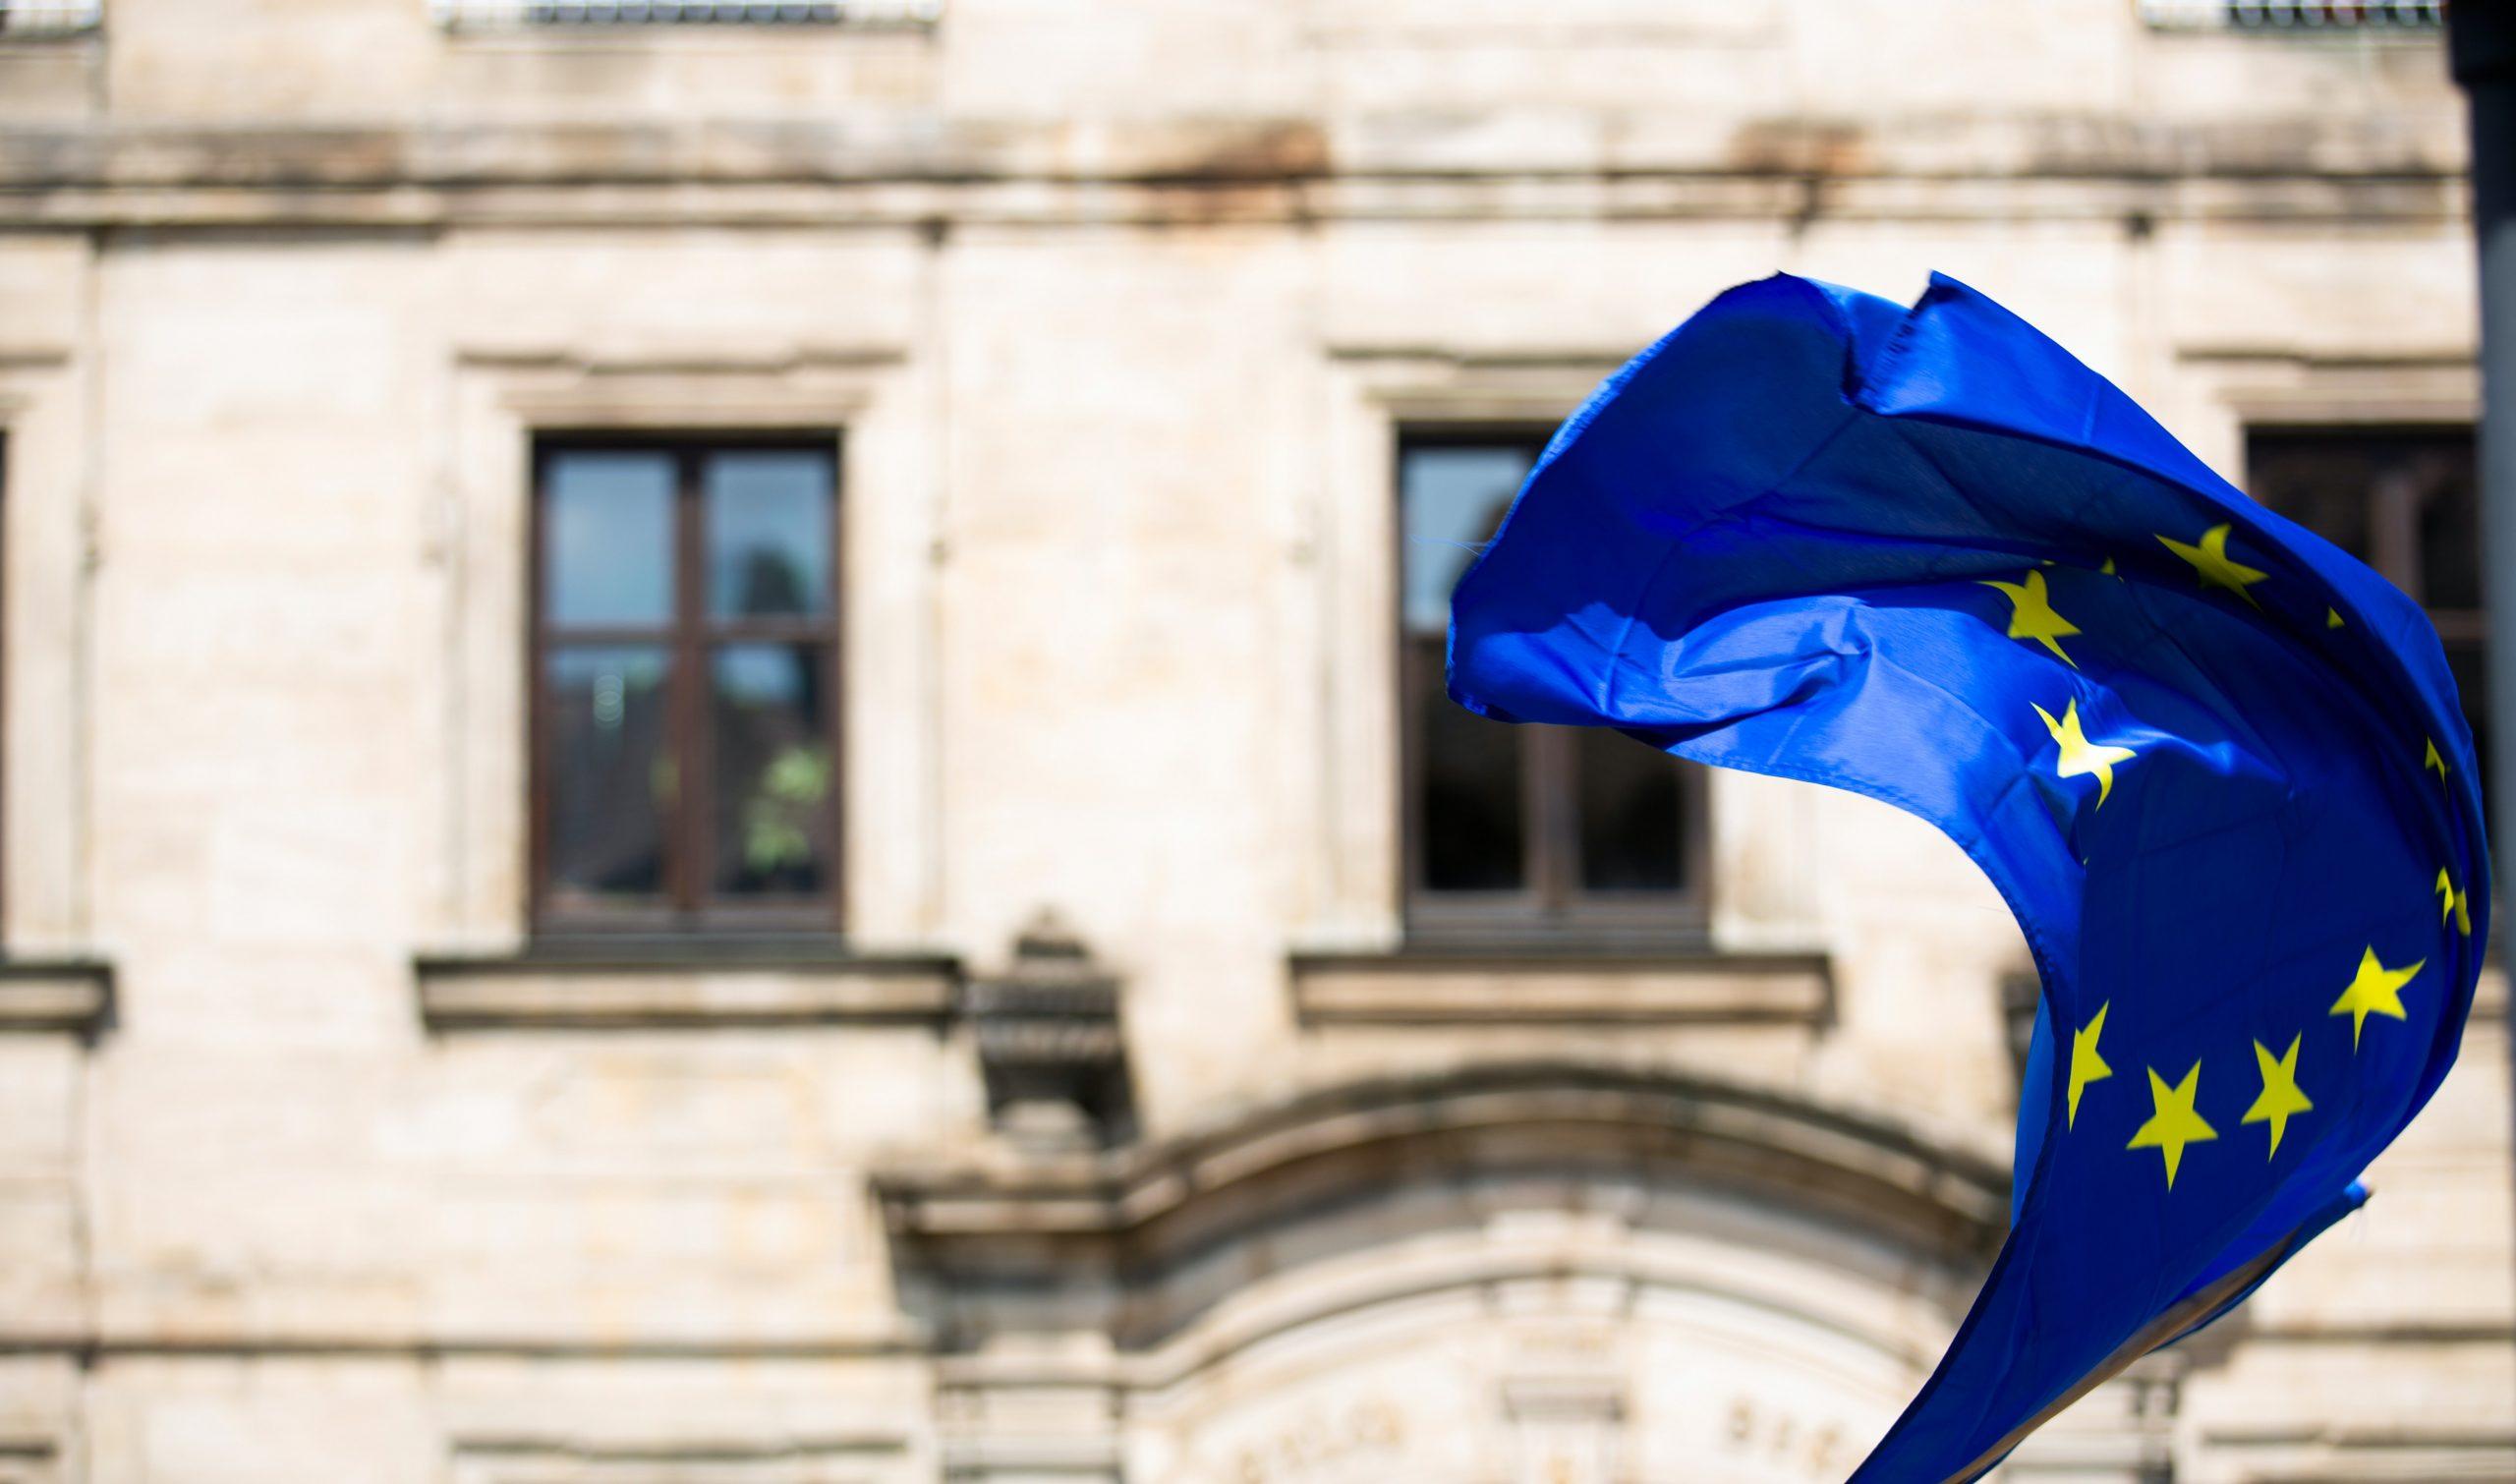 Die Corona-Pandemie drückt die EU-Stimmung (Gastkommentar, Wiener Zeitung)